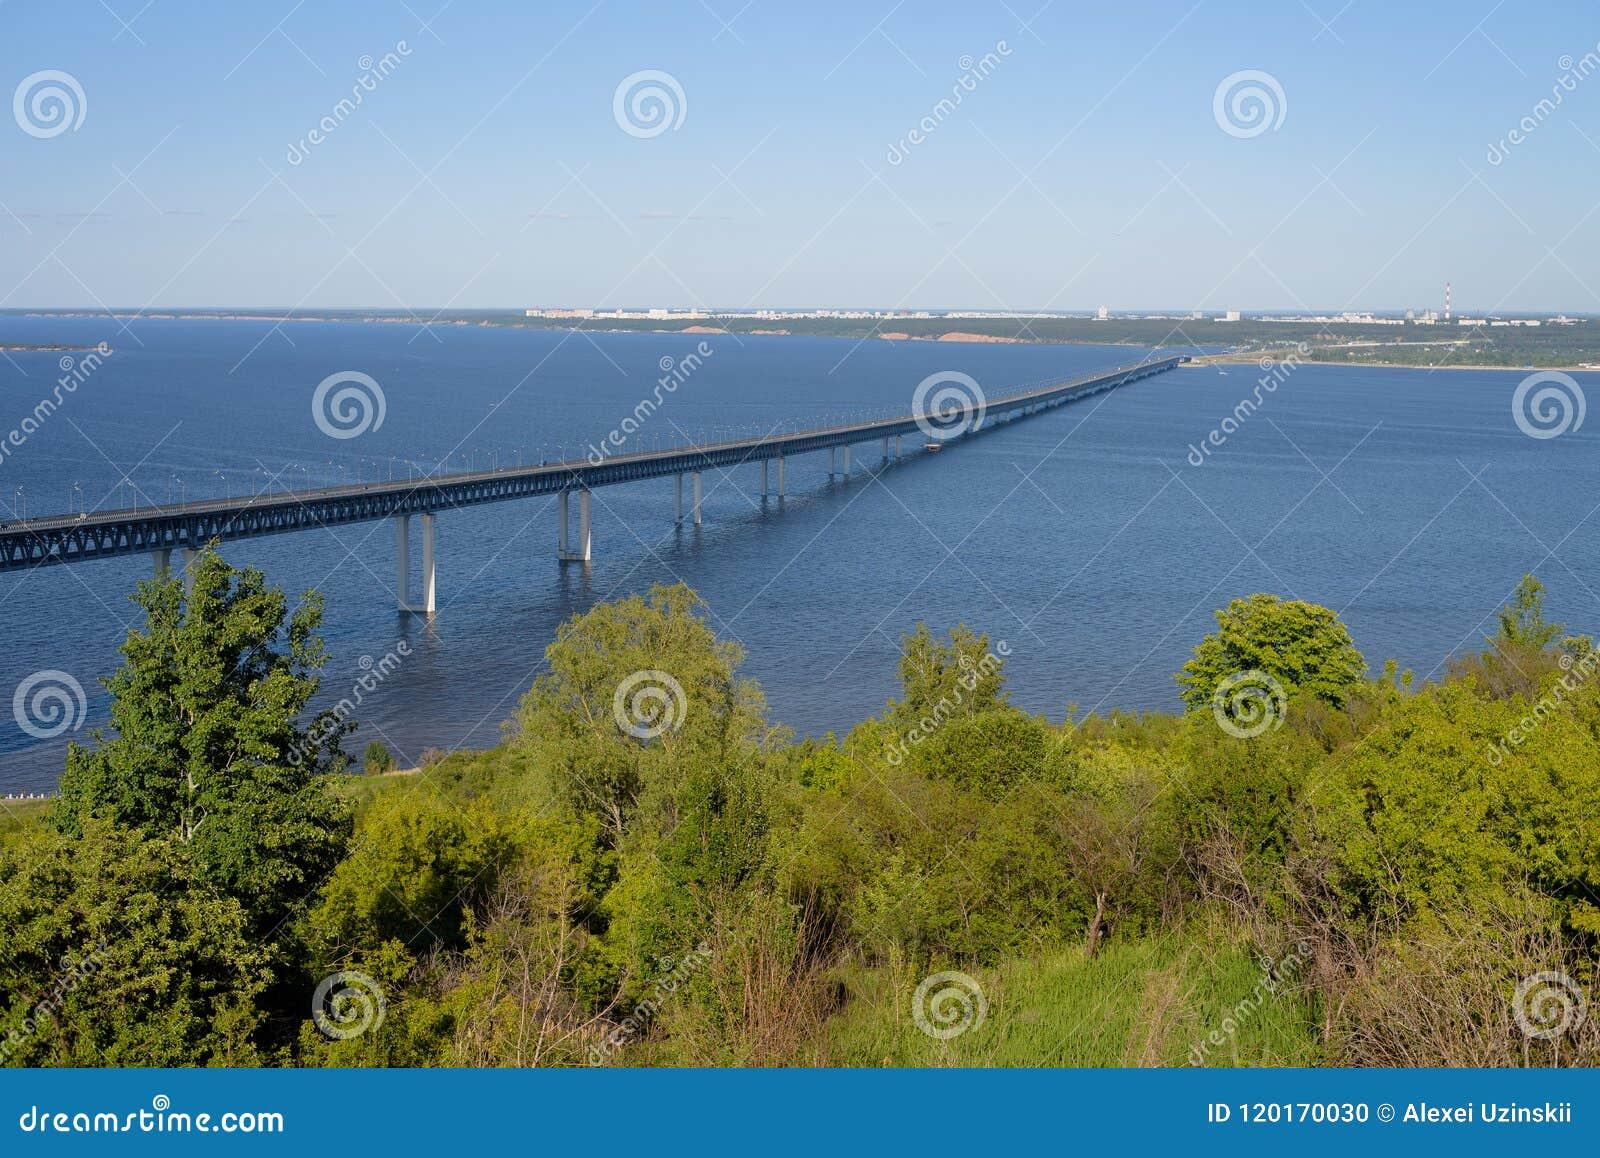 Ουλιάνοφσκ, Ρωσία - 06 30 2018: Πρόεδρος Bridge πέρα από τον ποταμό του Βόλγα, θερινή ημέρα